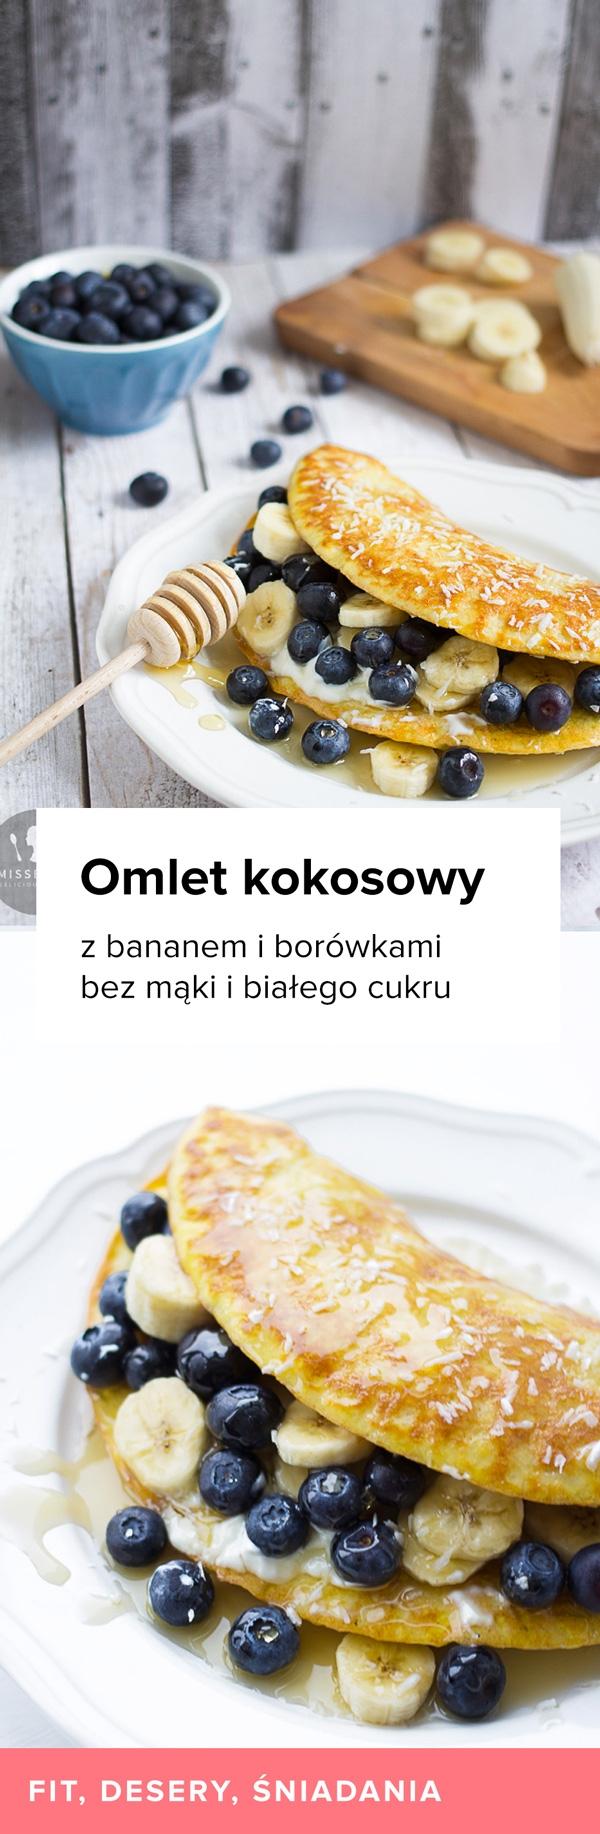 Przepis na Omlet kokosowy z bananem i borówkami. Zdrowy, bez mąki i białego cukru.